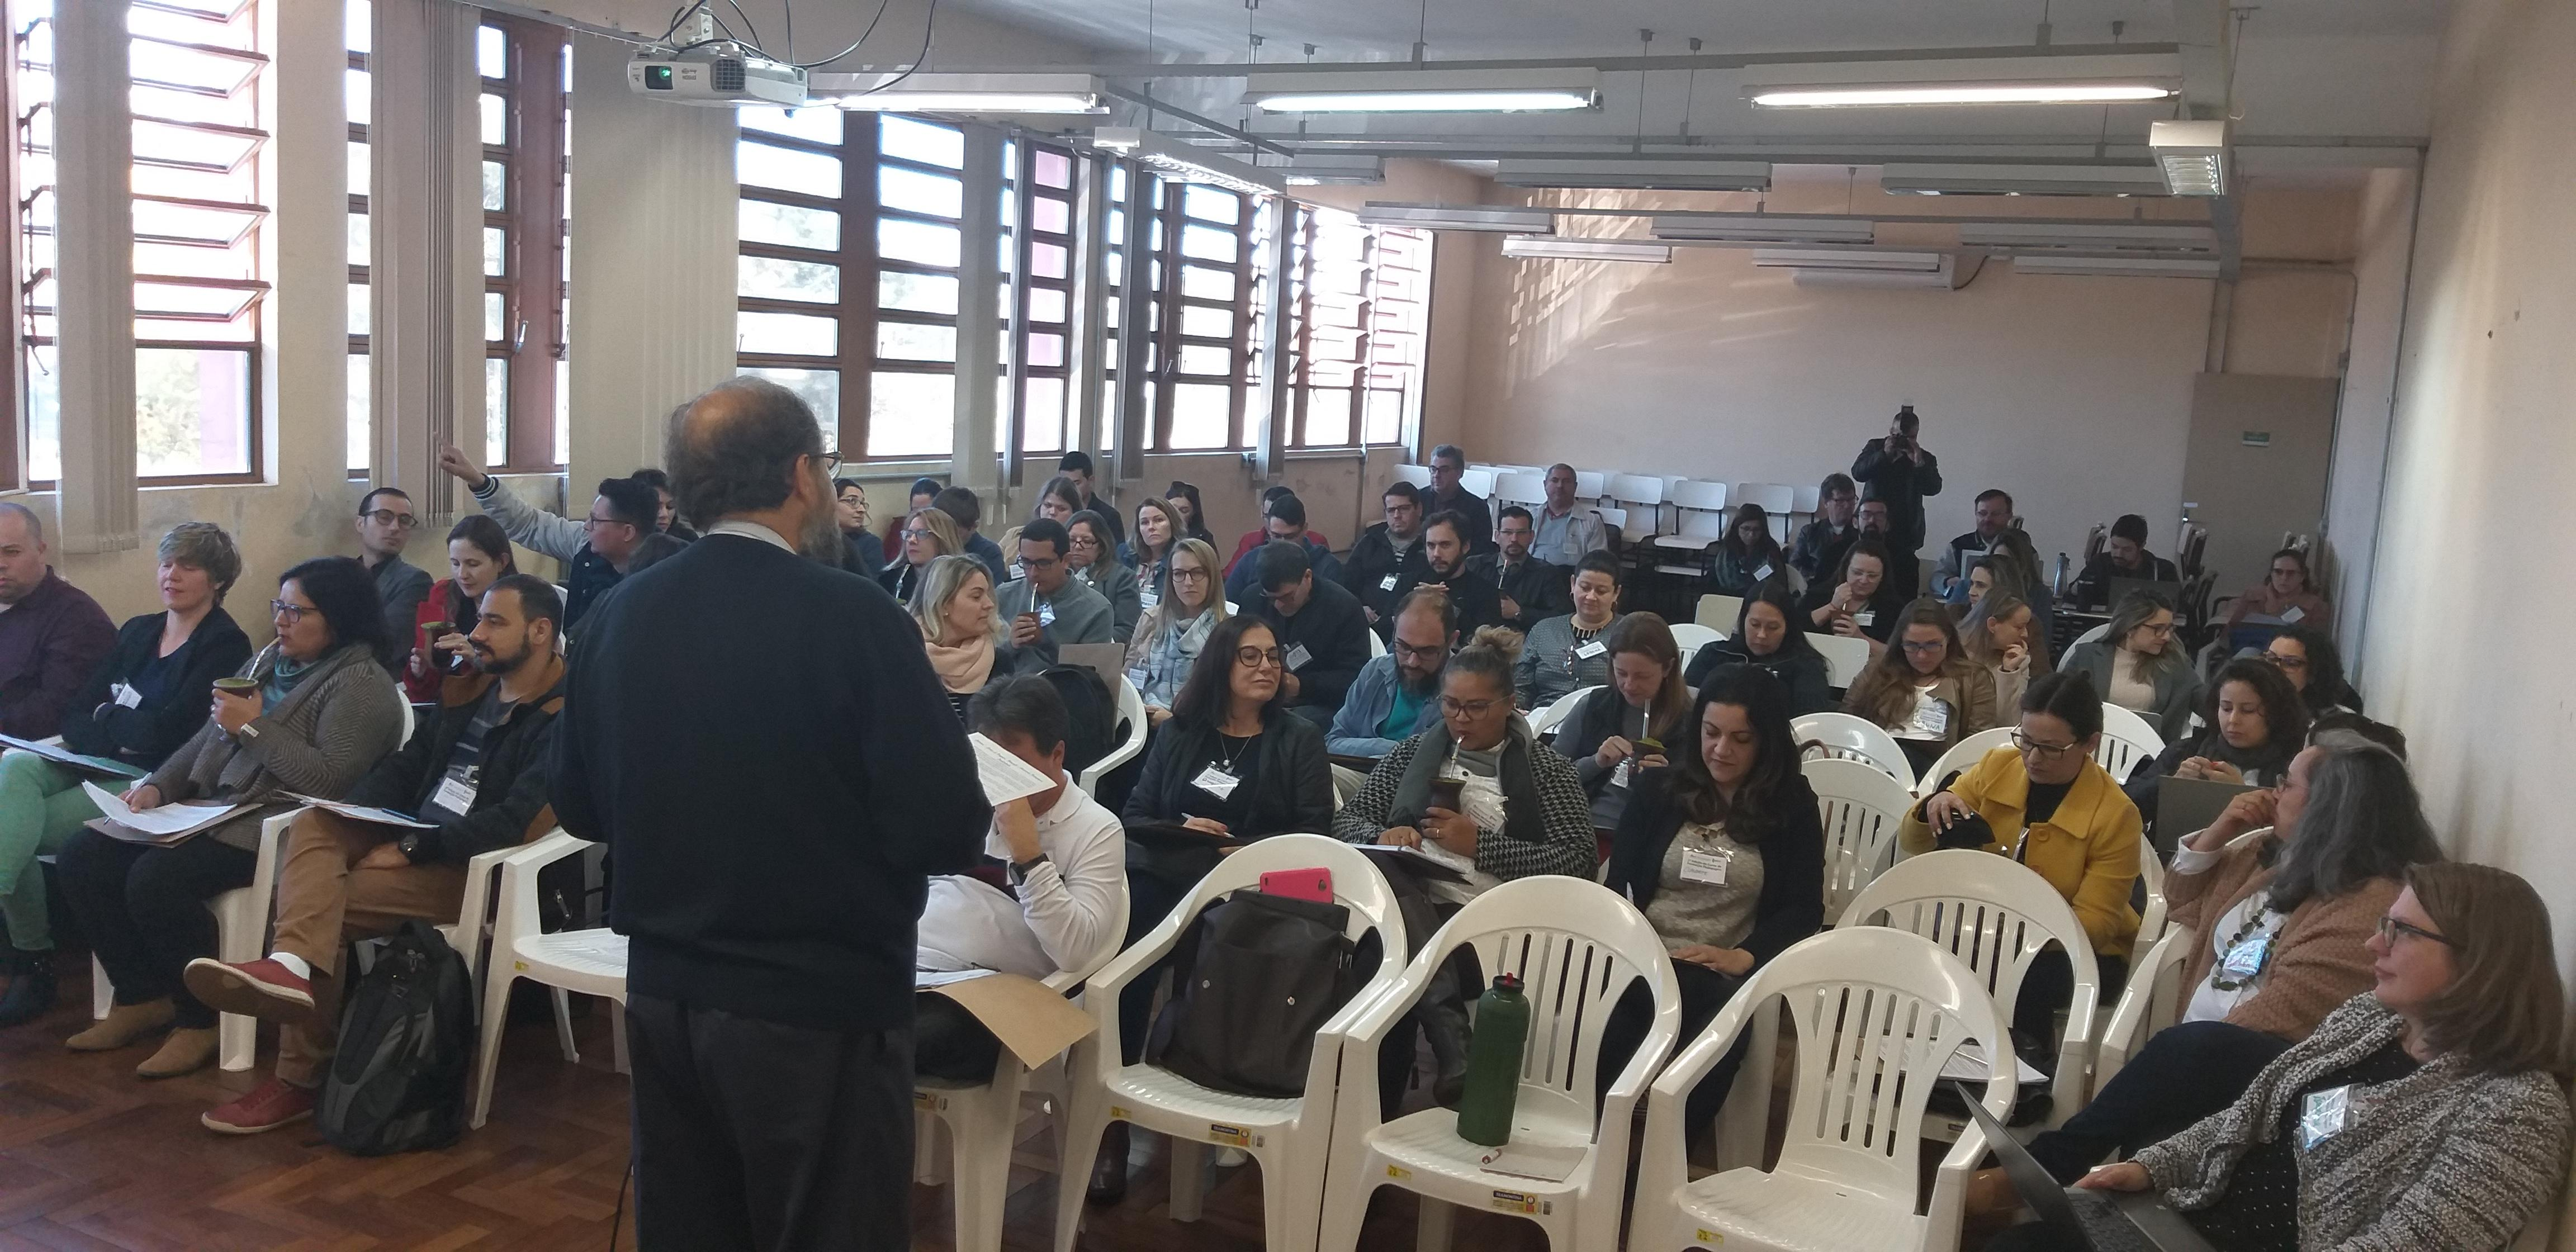 Um professor em pé fala a uma sala cheia durante o curso